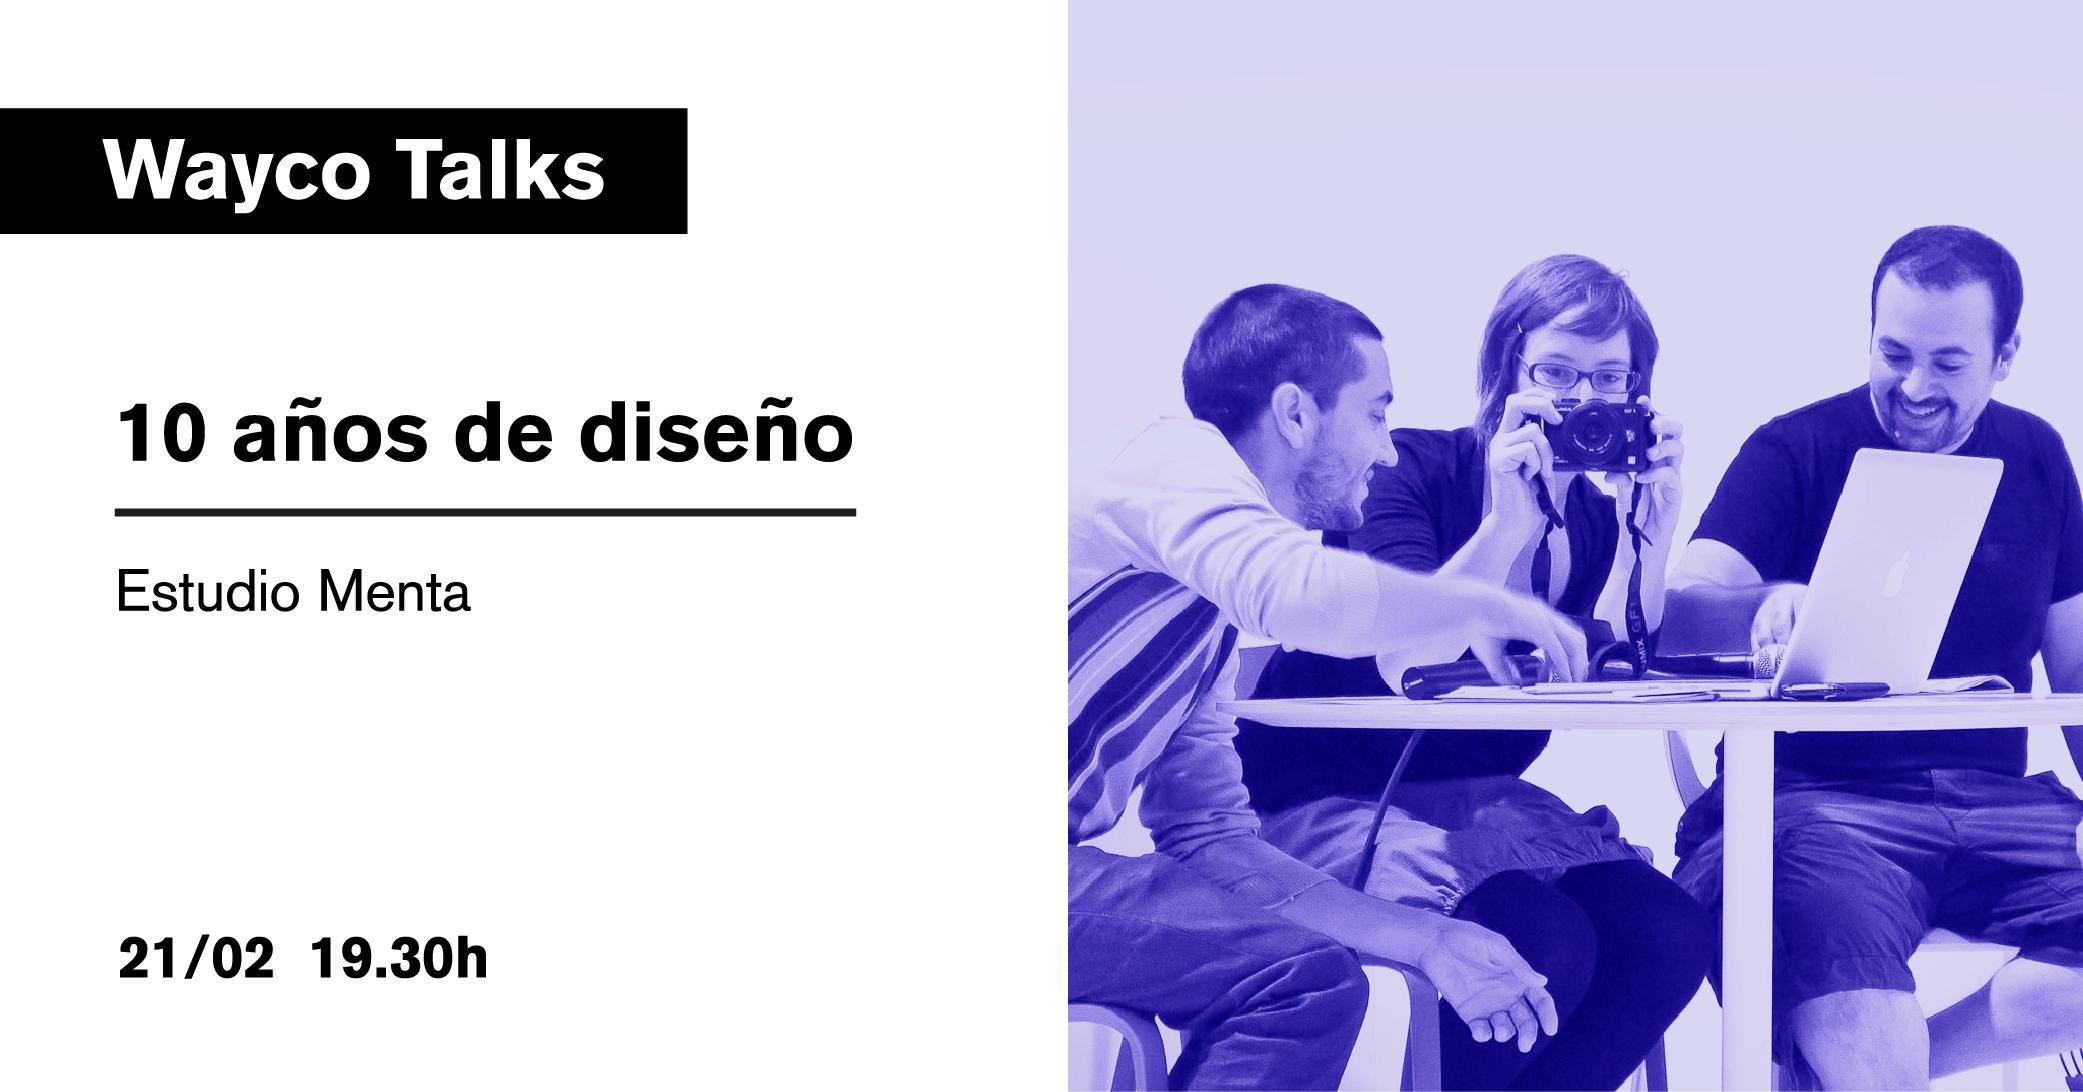 wayco-talks-estudio-menta